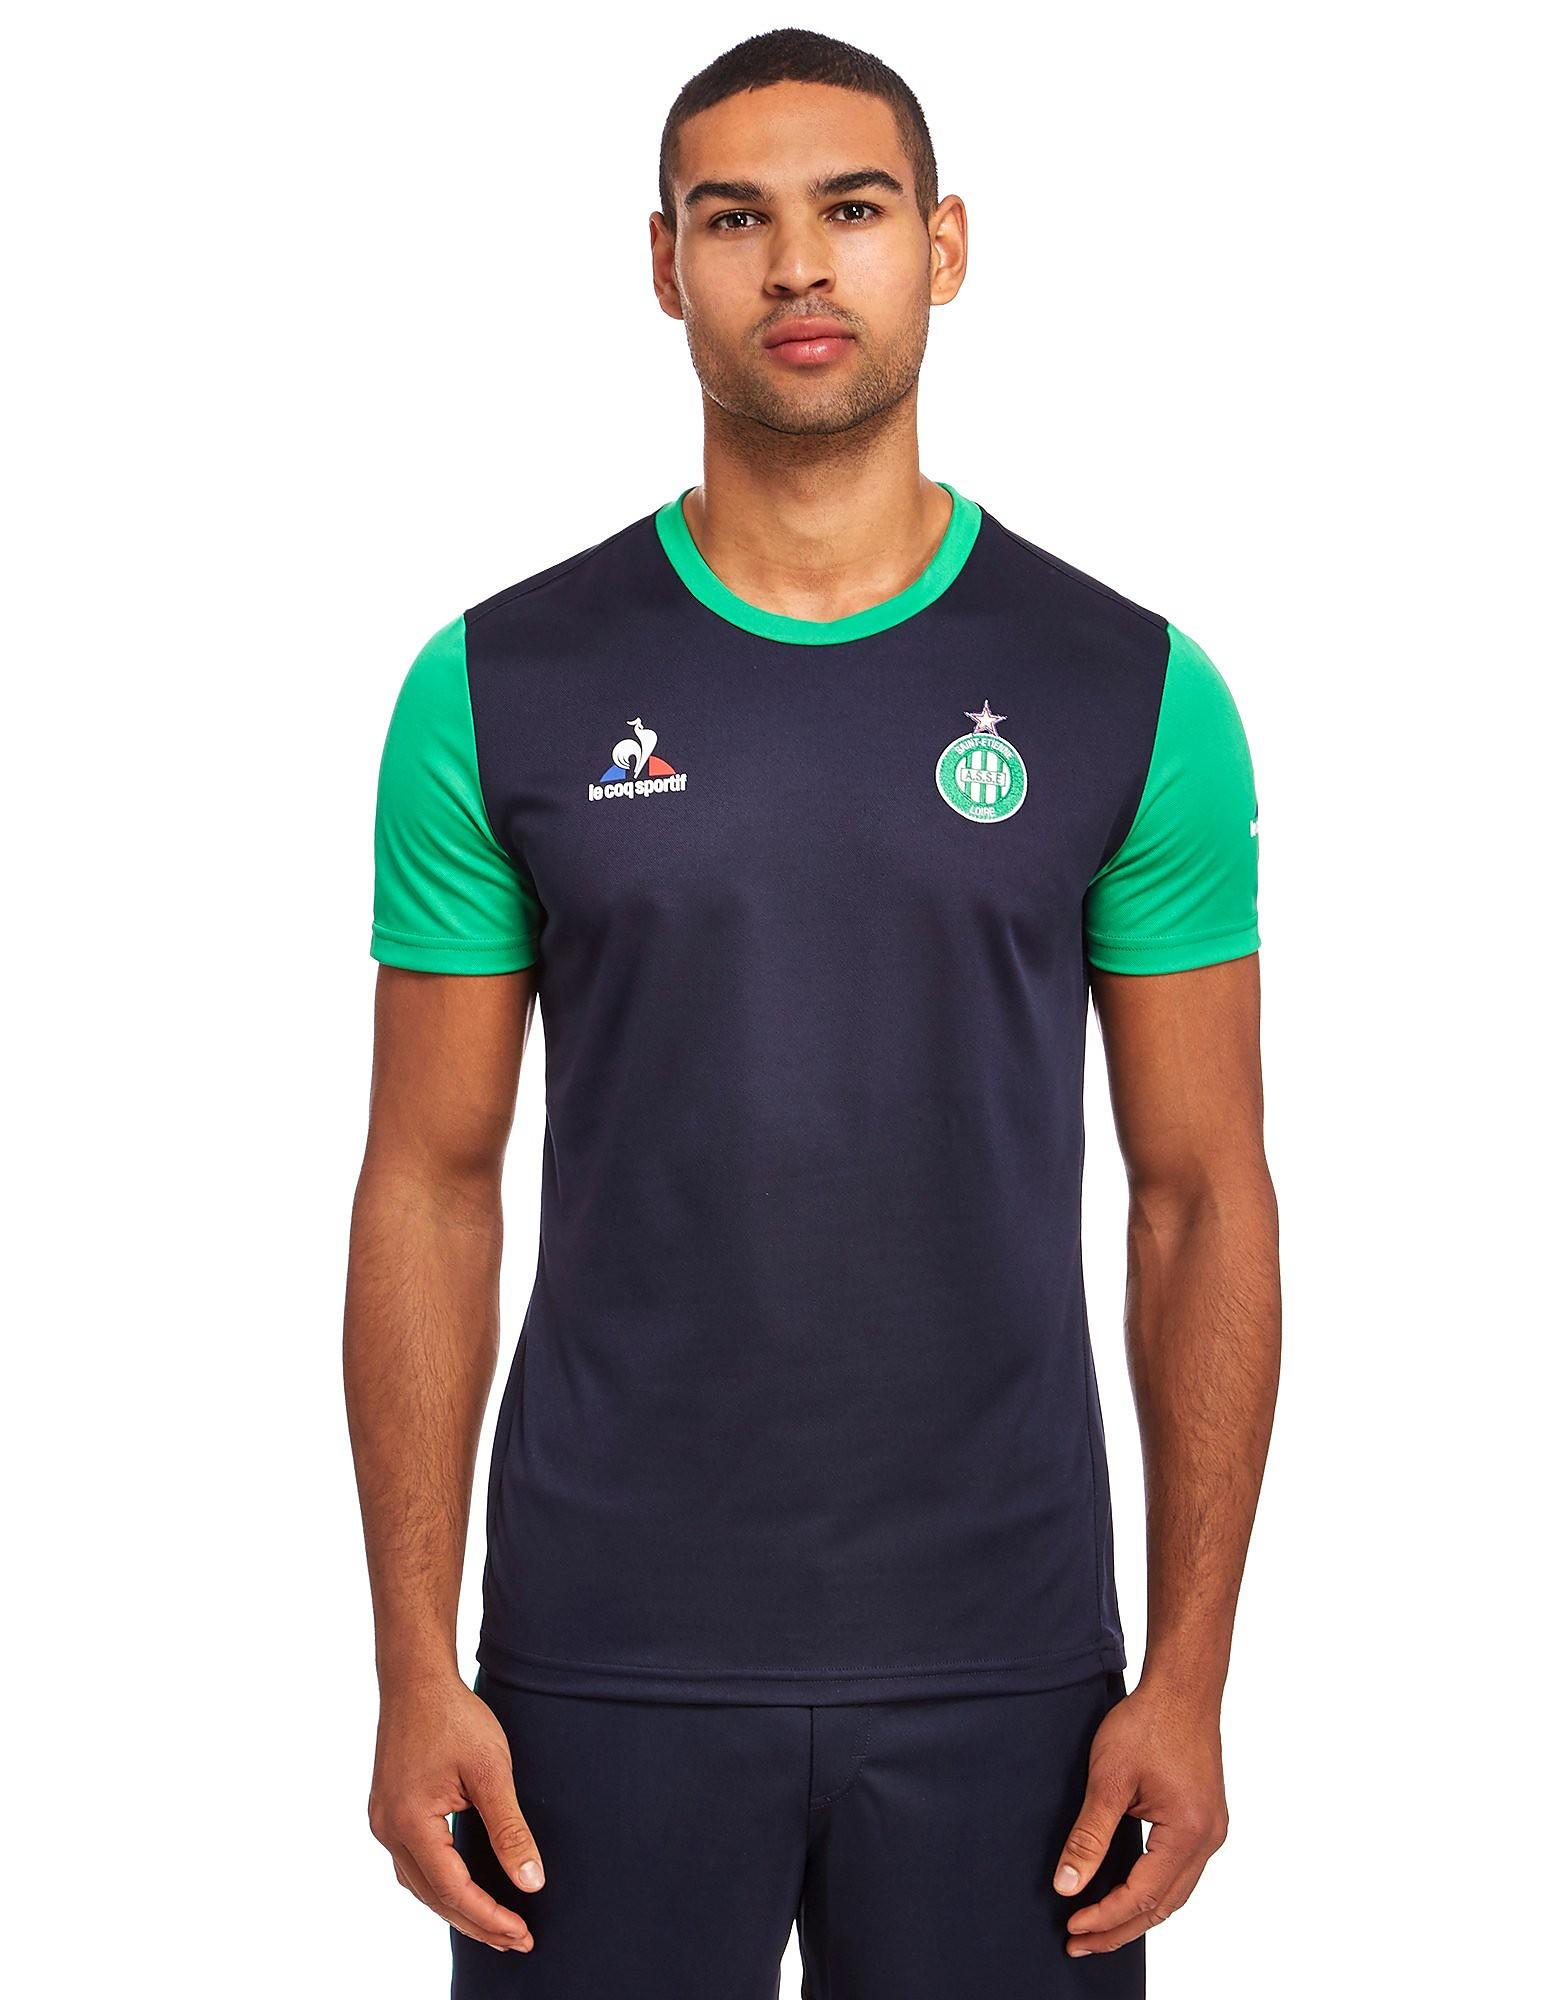 Le Coq Sportif AS Saint Etienne Training Shirt